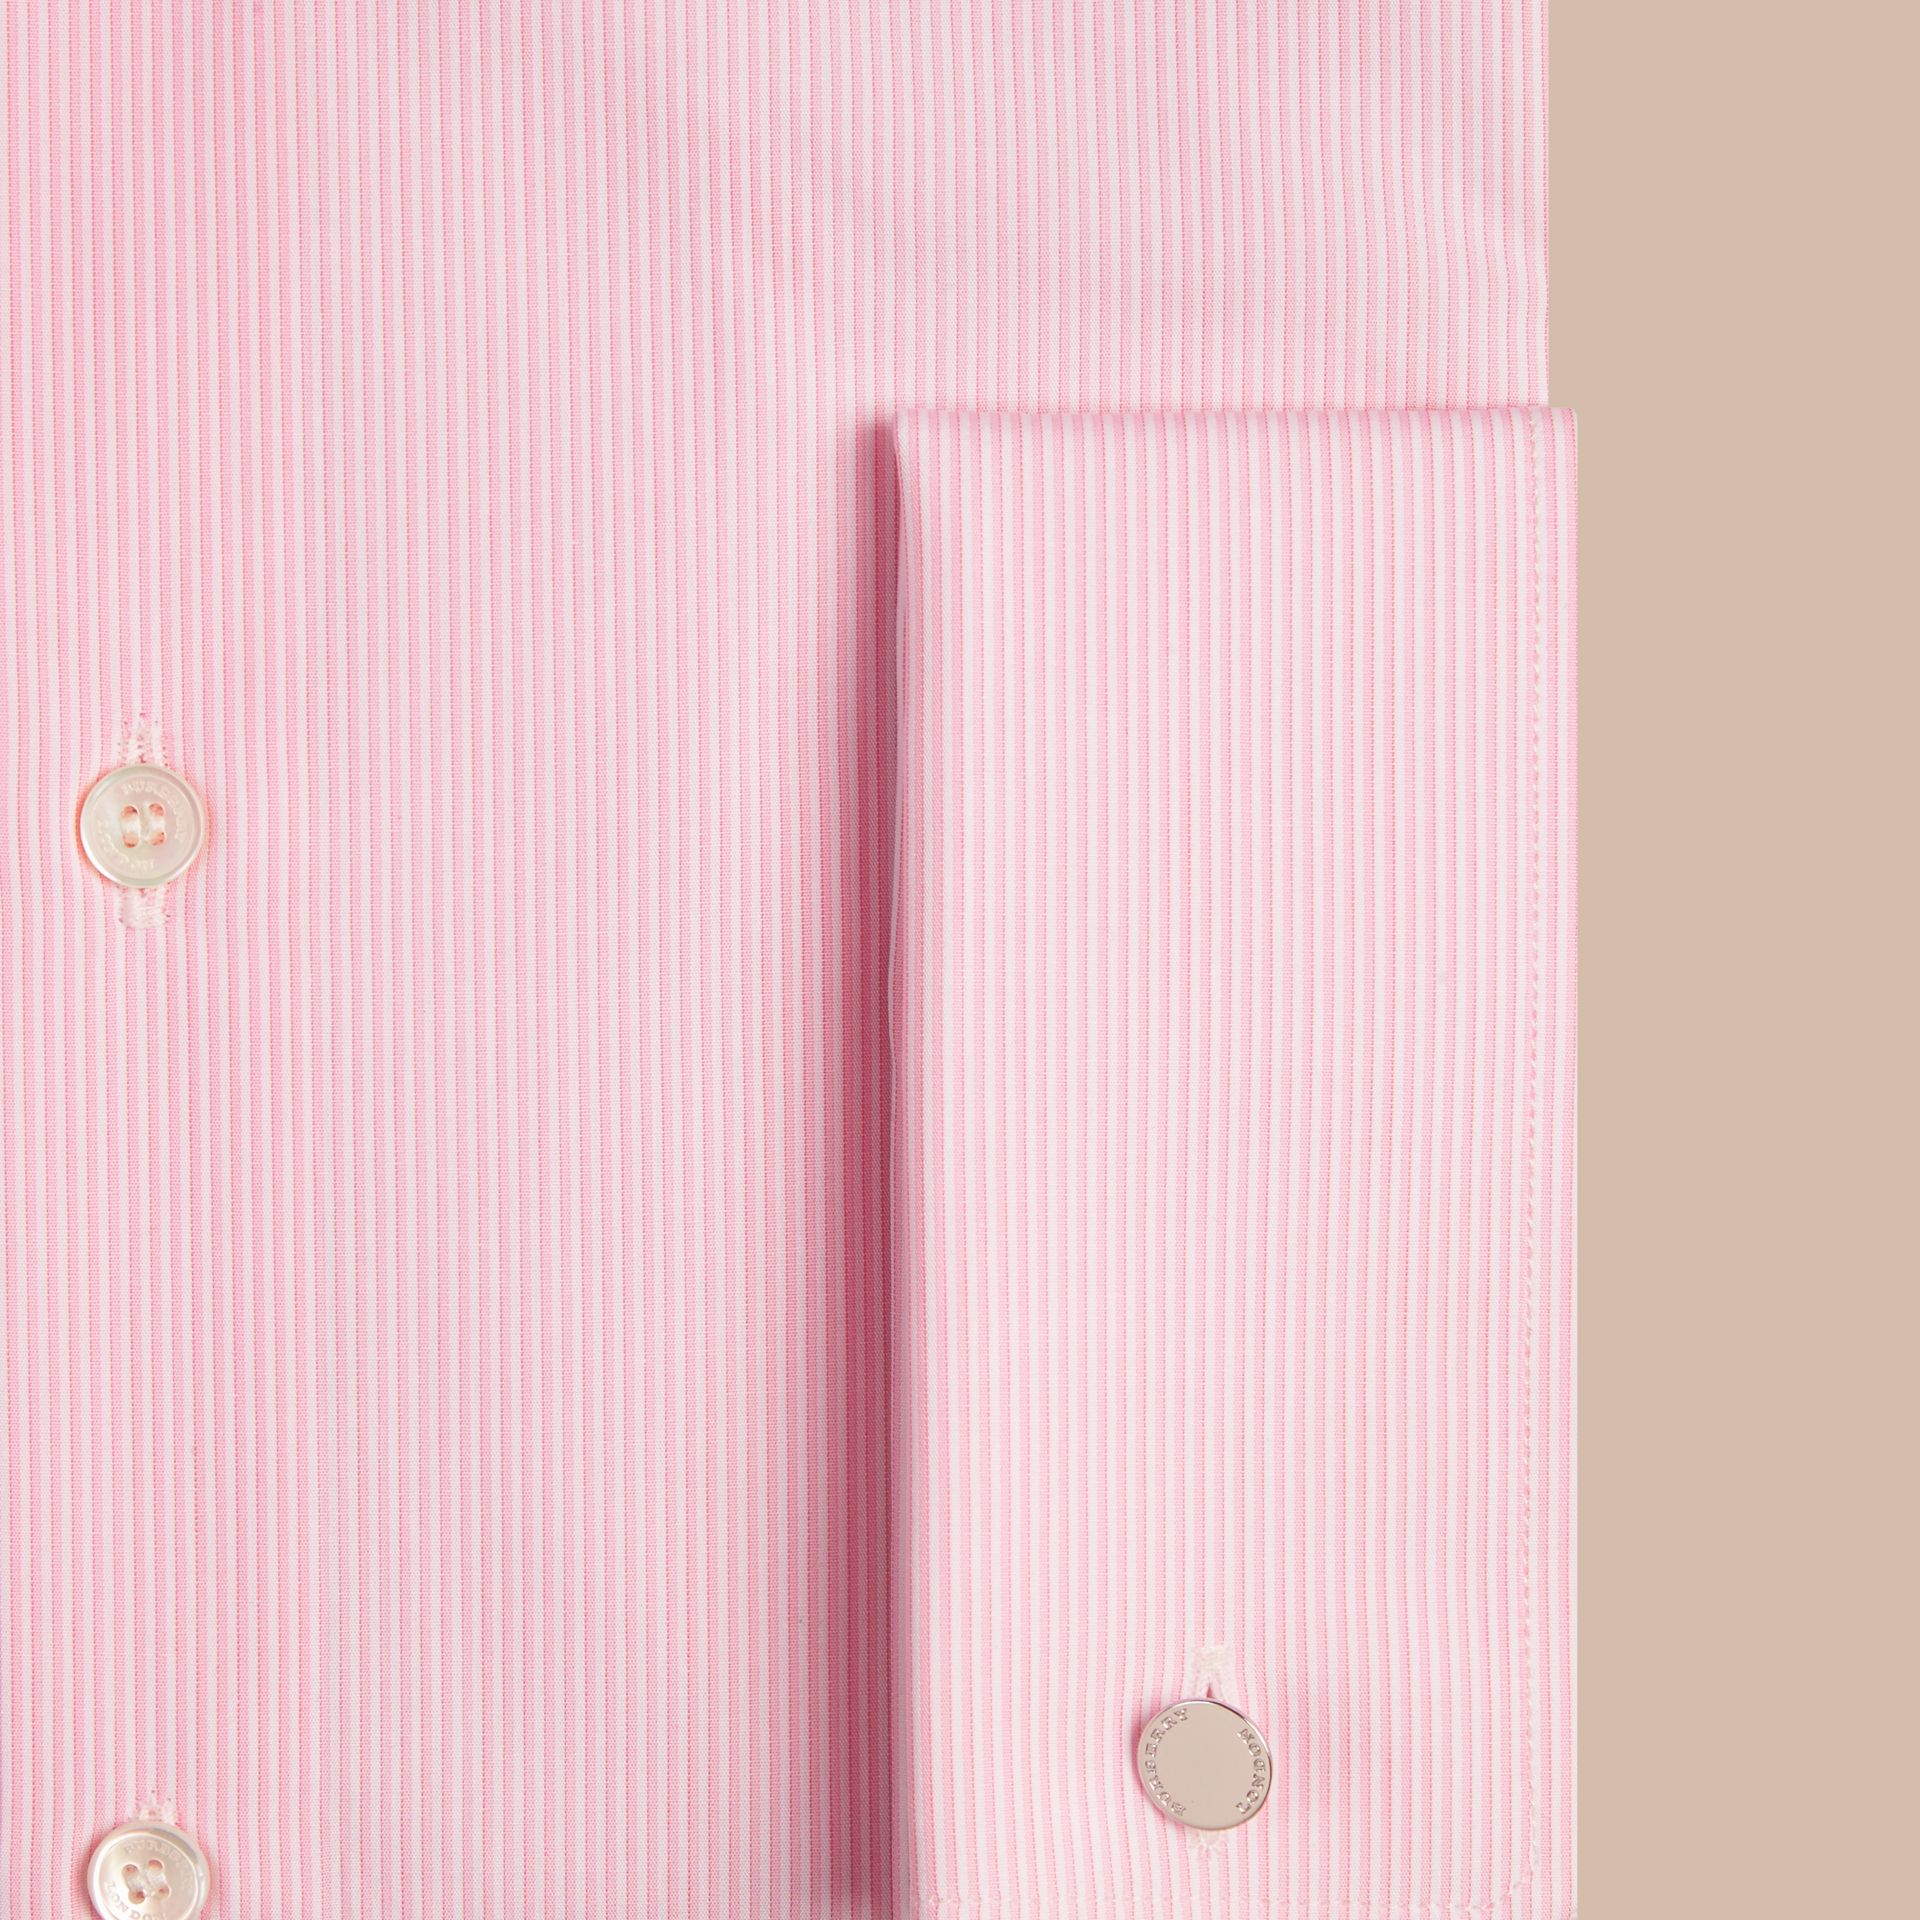 City pink Camisa de popeline de algodão com estampa listrada e corte moderno - galeria de imagens 2